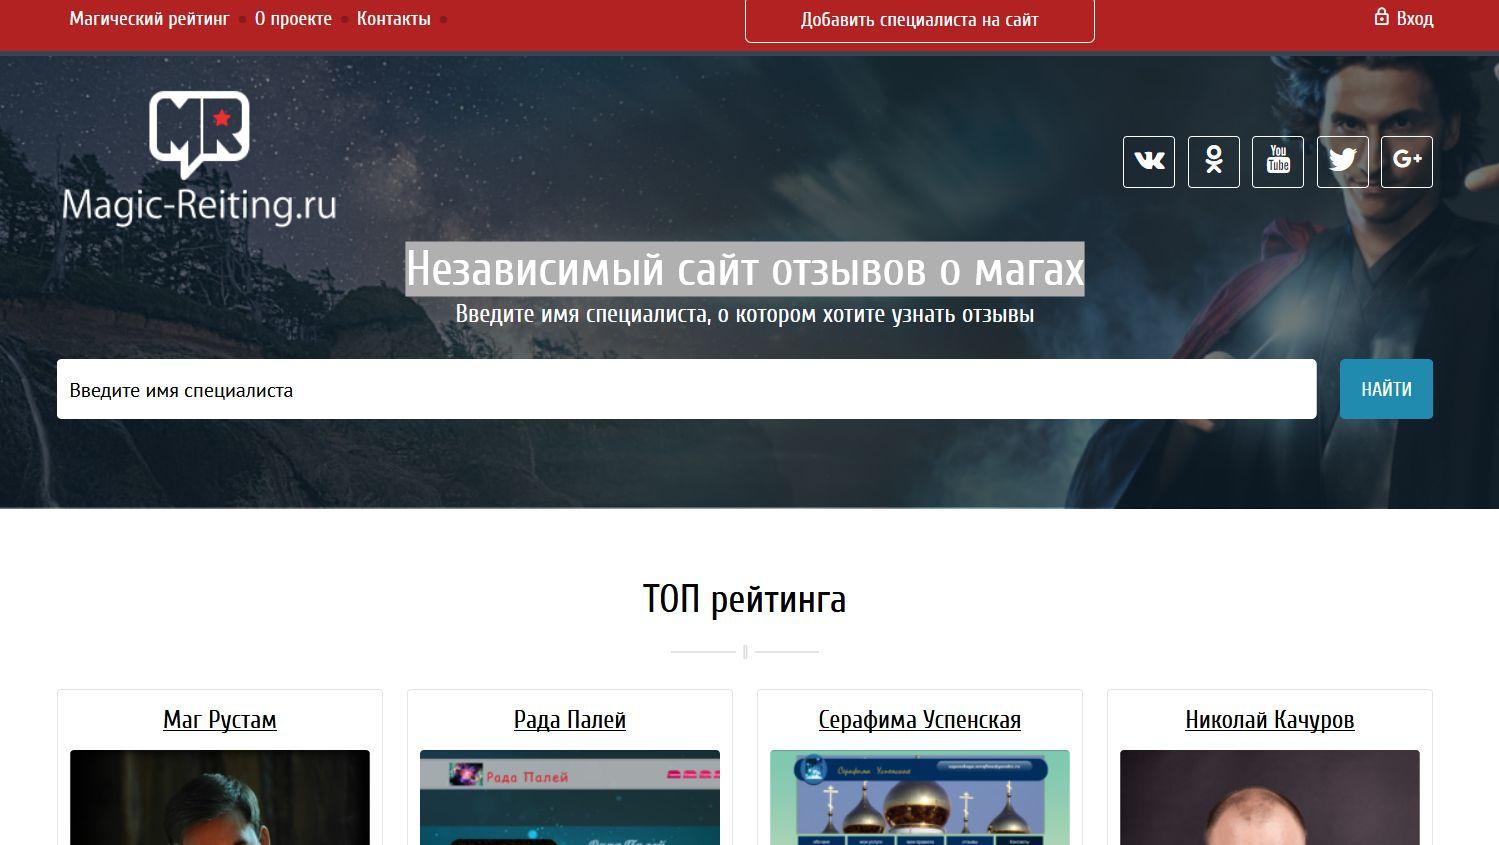 Независимый сайт отзывов о магах magic-reiting.ru